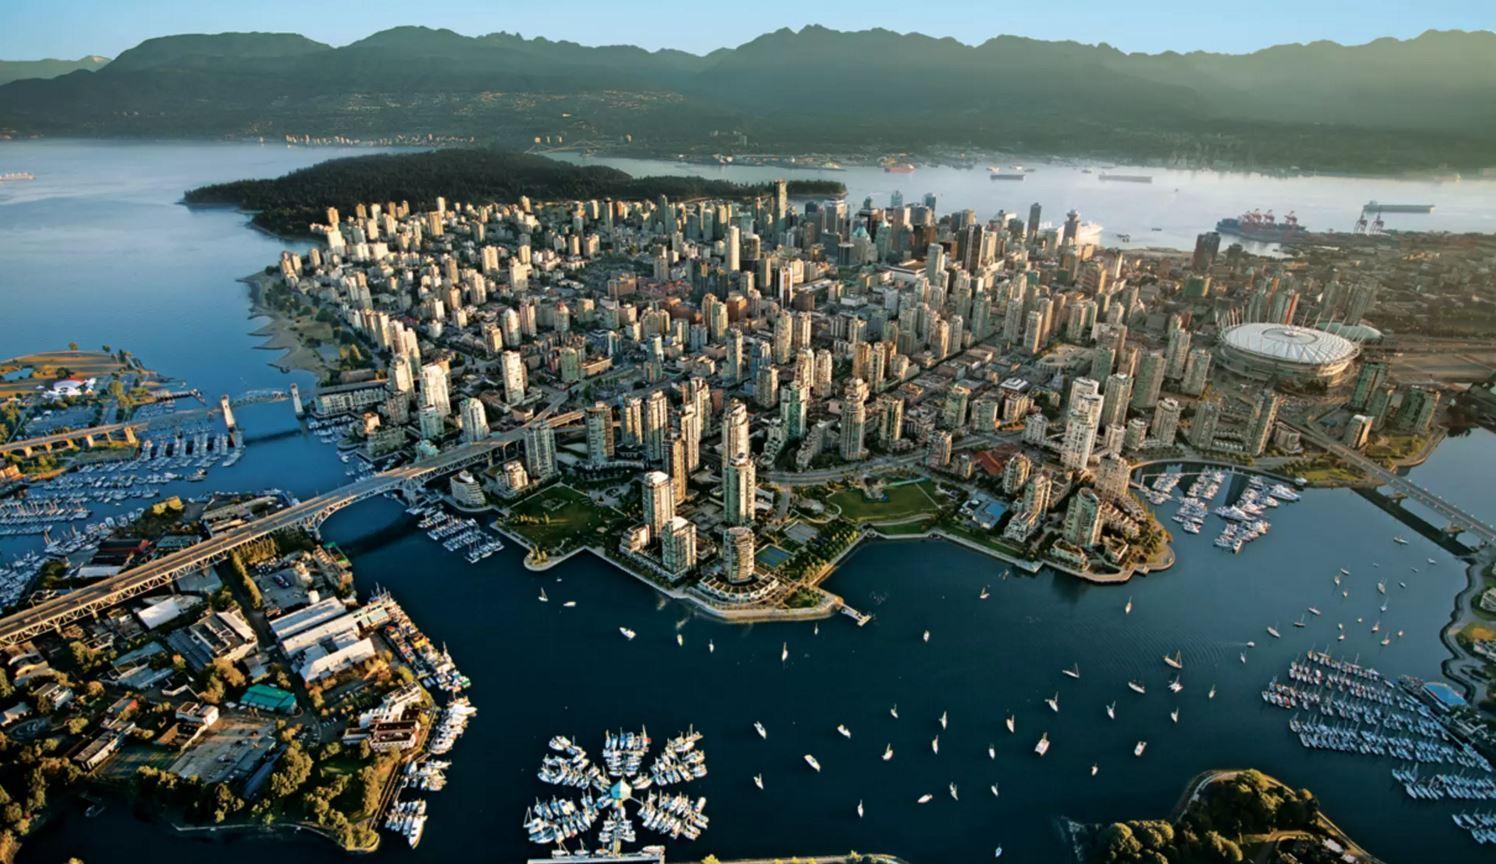 Dünyanın En Yeşil Akıllı Kenti: Vancouver